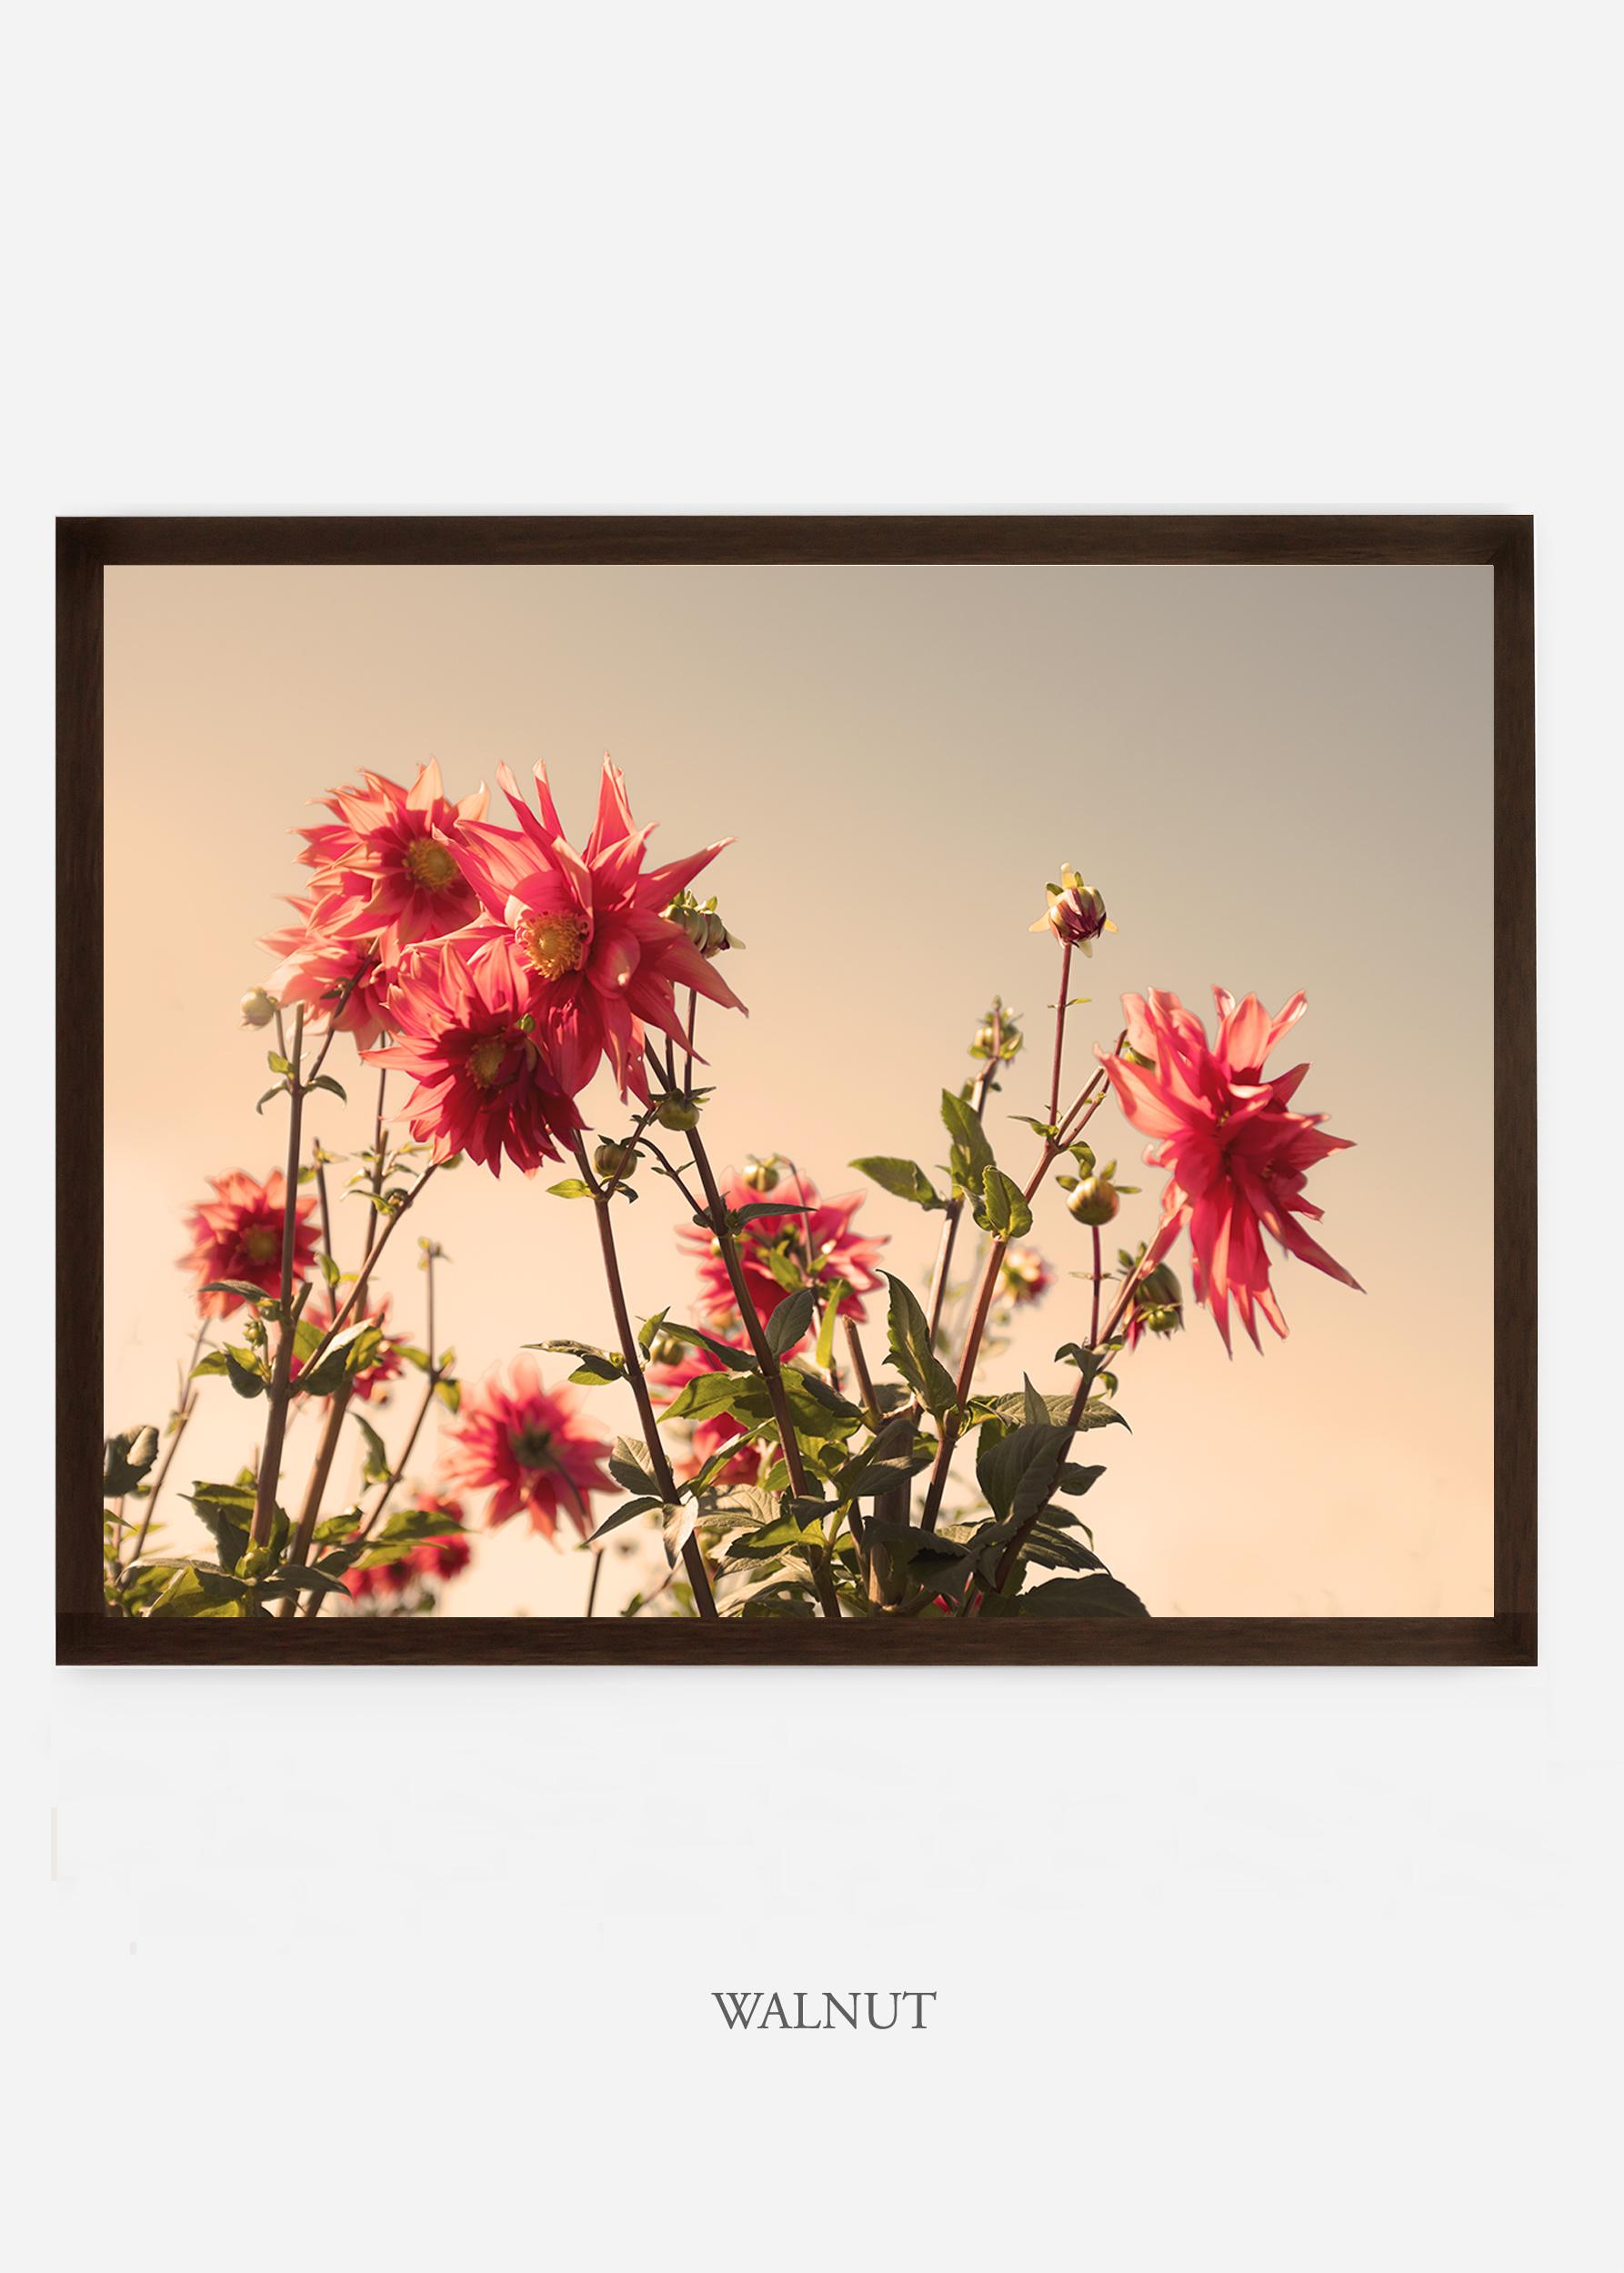 NoMat-DarkWalnutFrame-DahliaNo.9-Wilder-California-Art-Floral-Home-decor-Prints-Dahlia-Botanical-Artwork-Interior-design.jpg